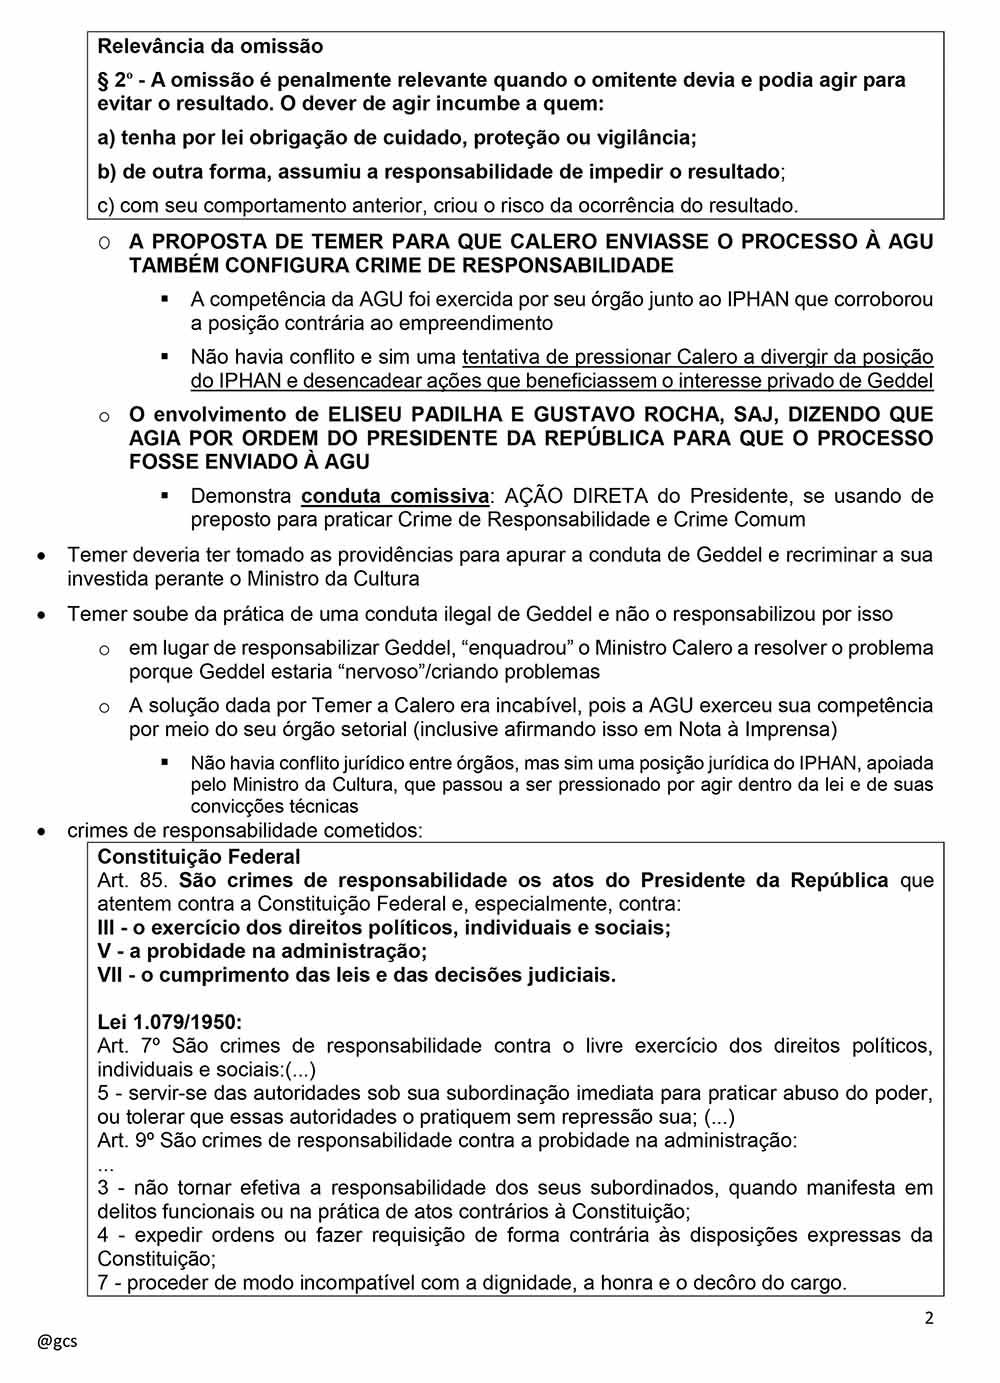 Impeachment Michel Temer 2